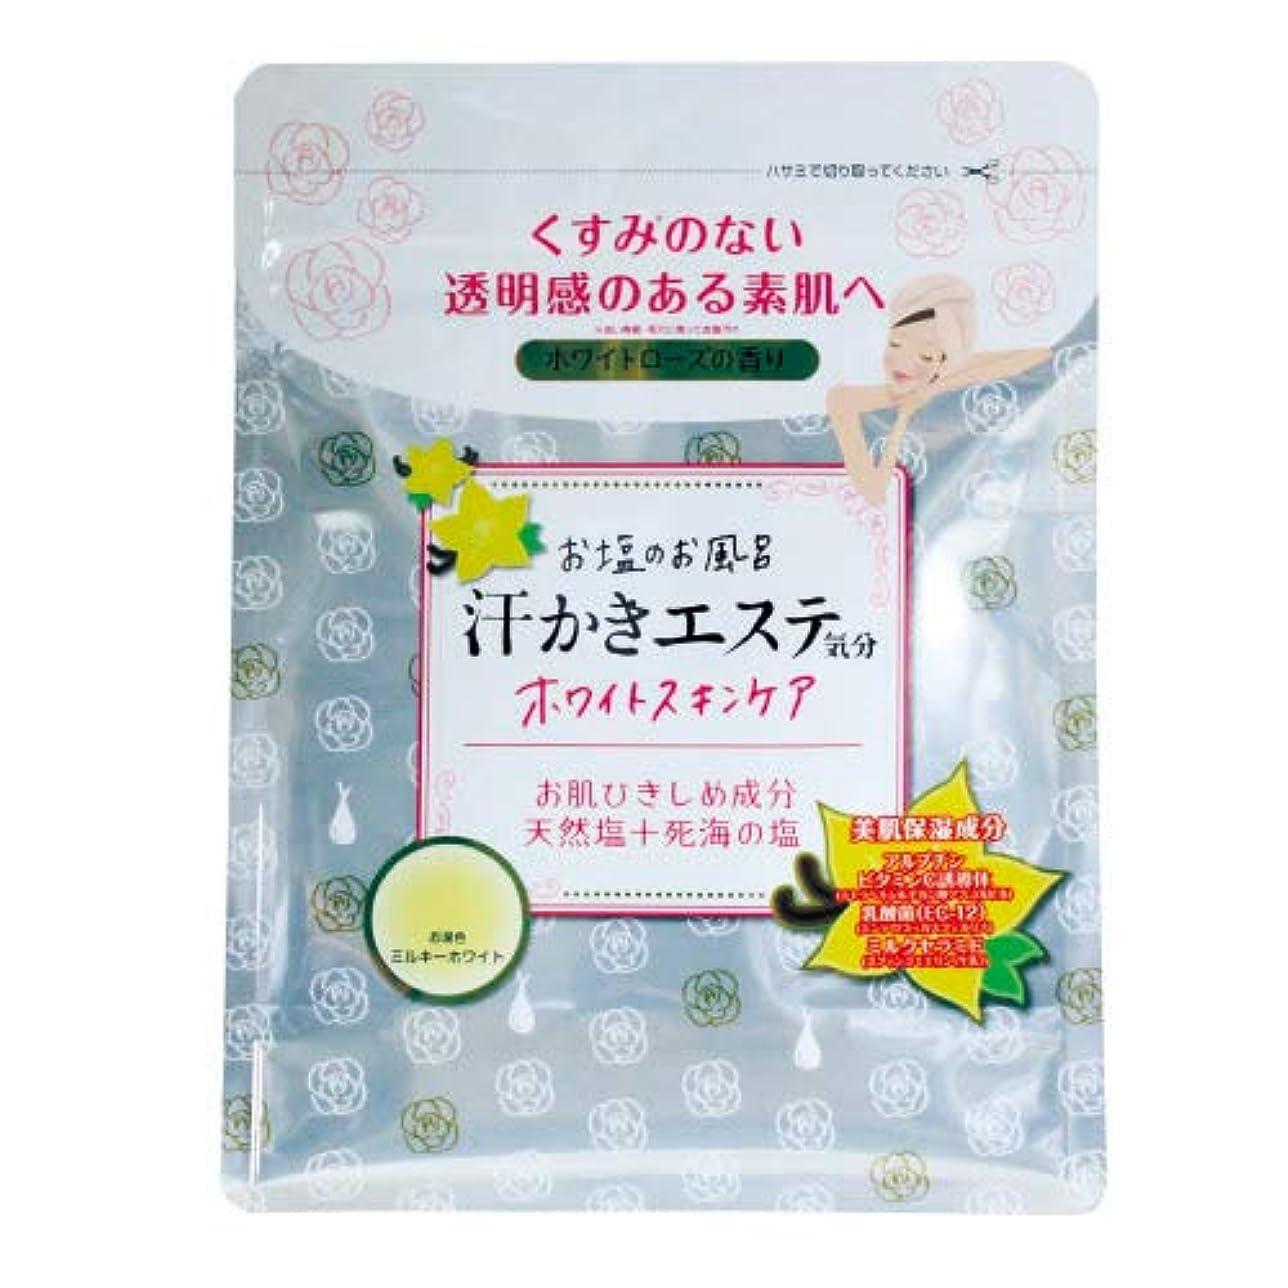 評価犯罪肥料マックス 汗かきエステ気分 ホワイトスキンケア ホワイトローズの香り 500g×3個